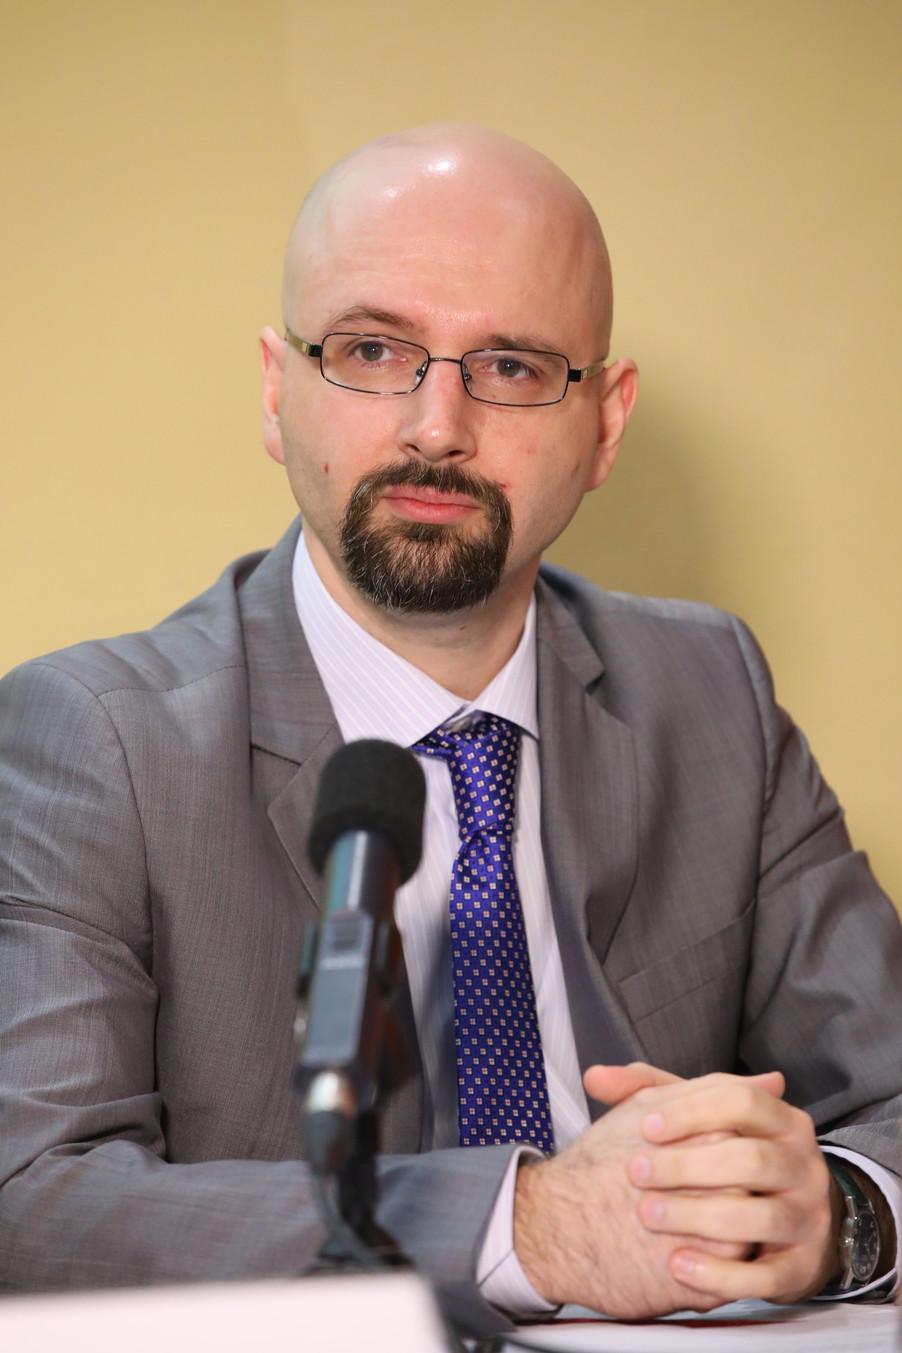 Bild 12 | Vorab-Pressekonferenz anlässlich der 16. Jahrestagung der Österreichischen Gesellschaft für ...